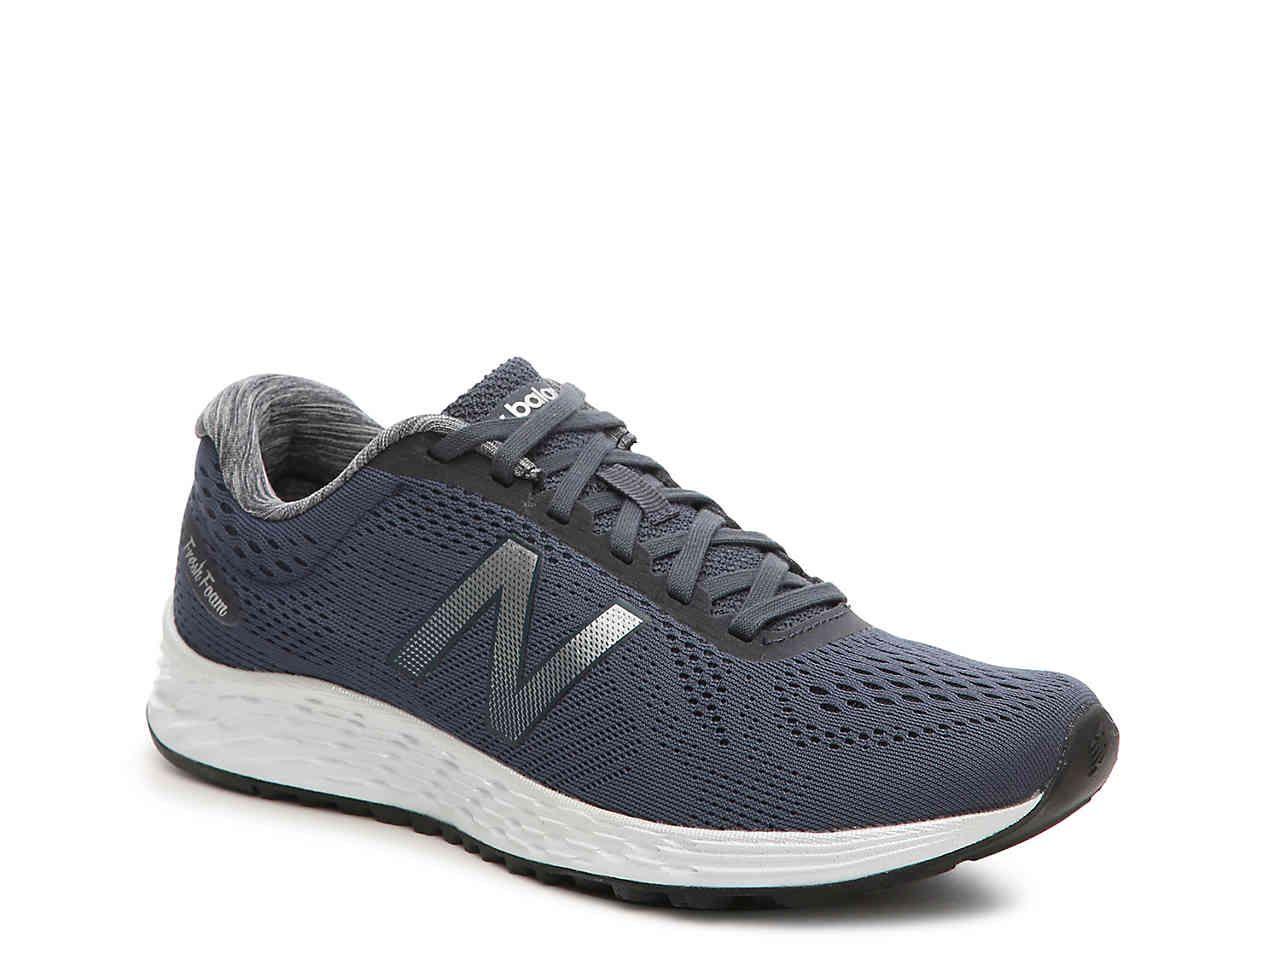 49e019d38 new balance fresh foam arishi lightweight running shoe Fresh Foam Arishi  Lightweight Running Shoe - Women's